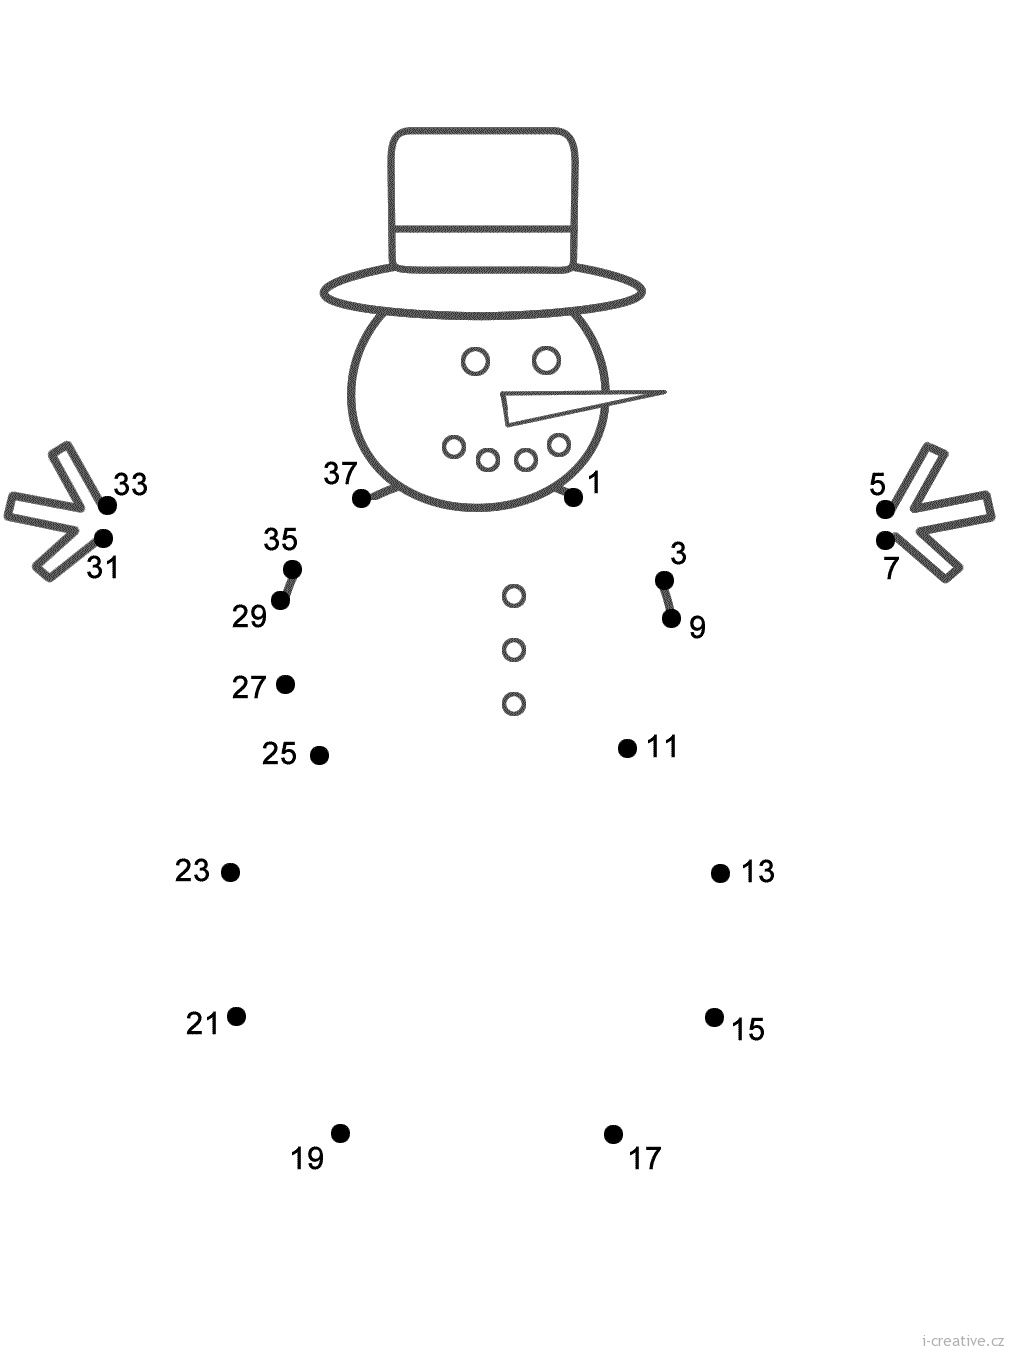 zimn čselná spojovačka sněhulák pracovn listy Pinterest